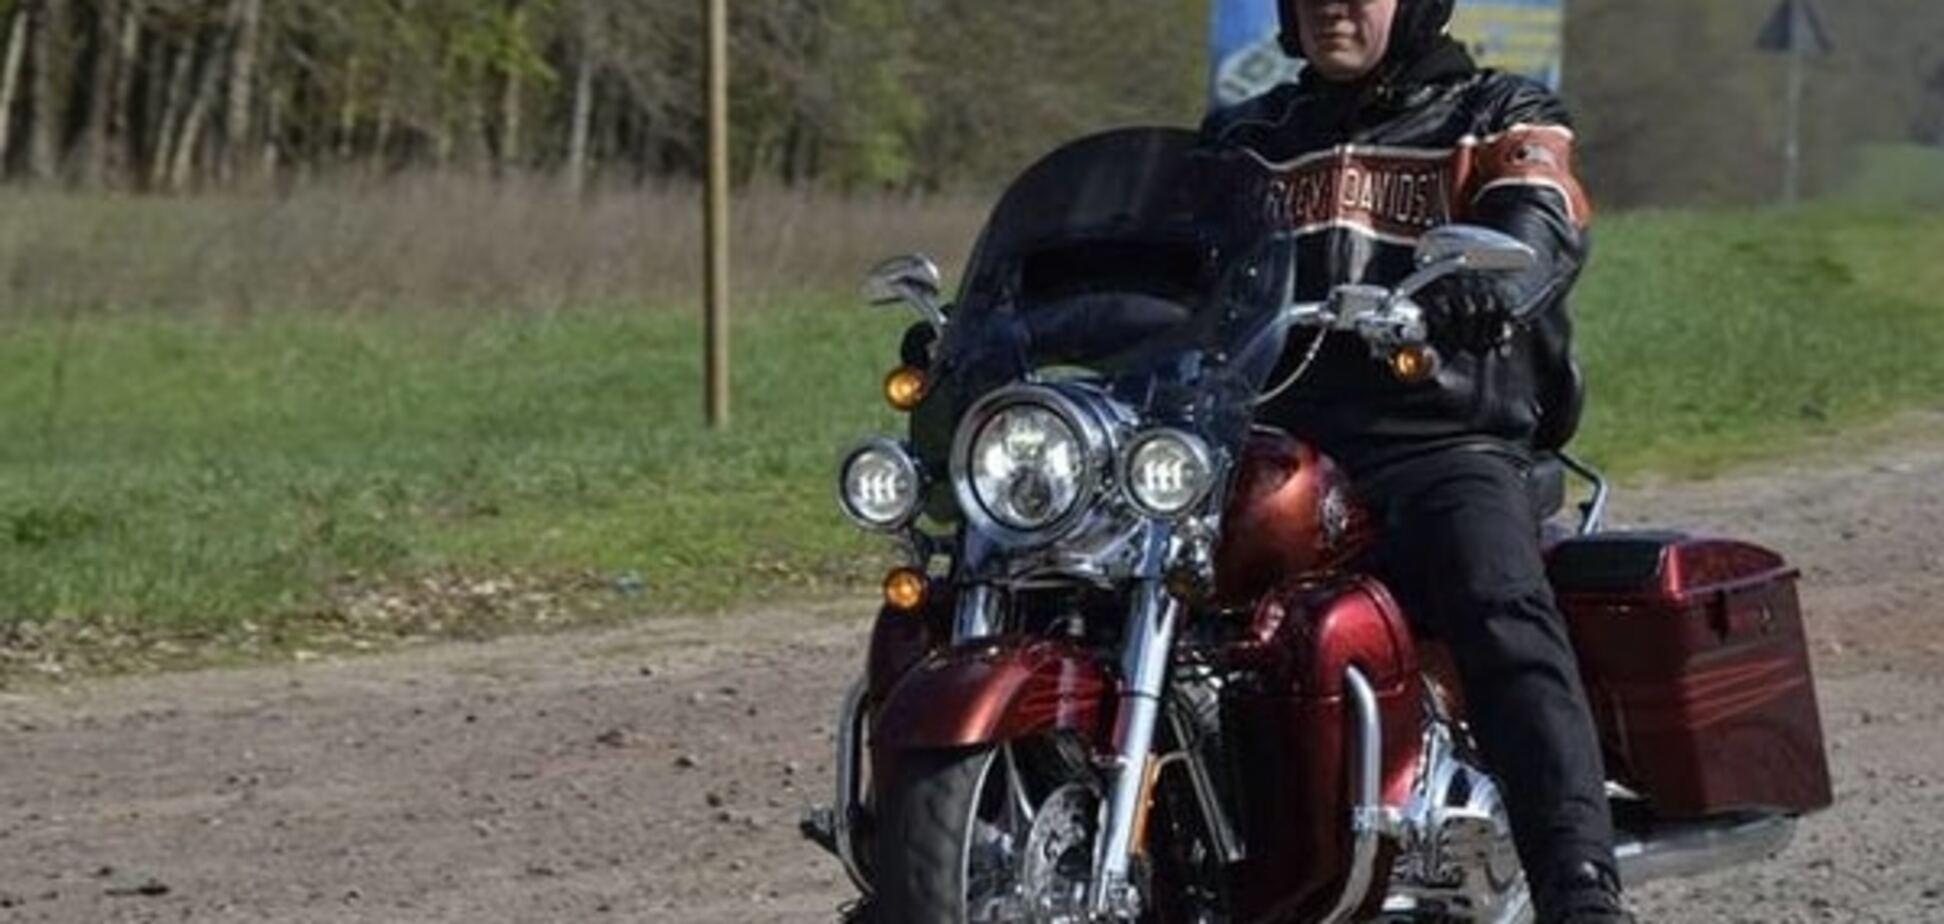 Harley-Davidson для Швайки: стало известно, кто подарил 'свободовцу' дорогой мотоцикл